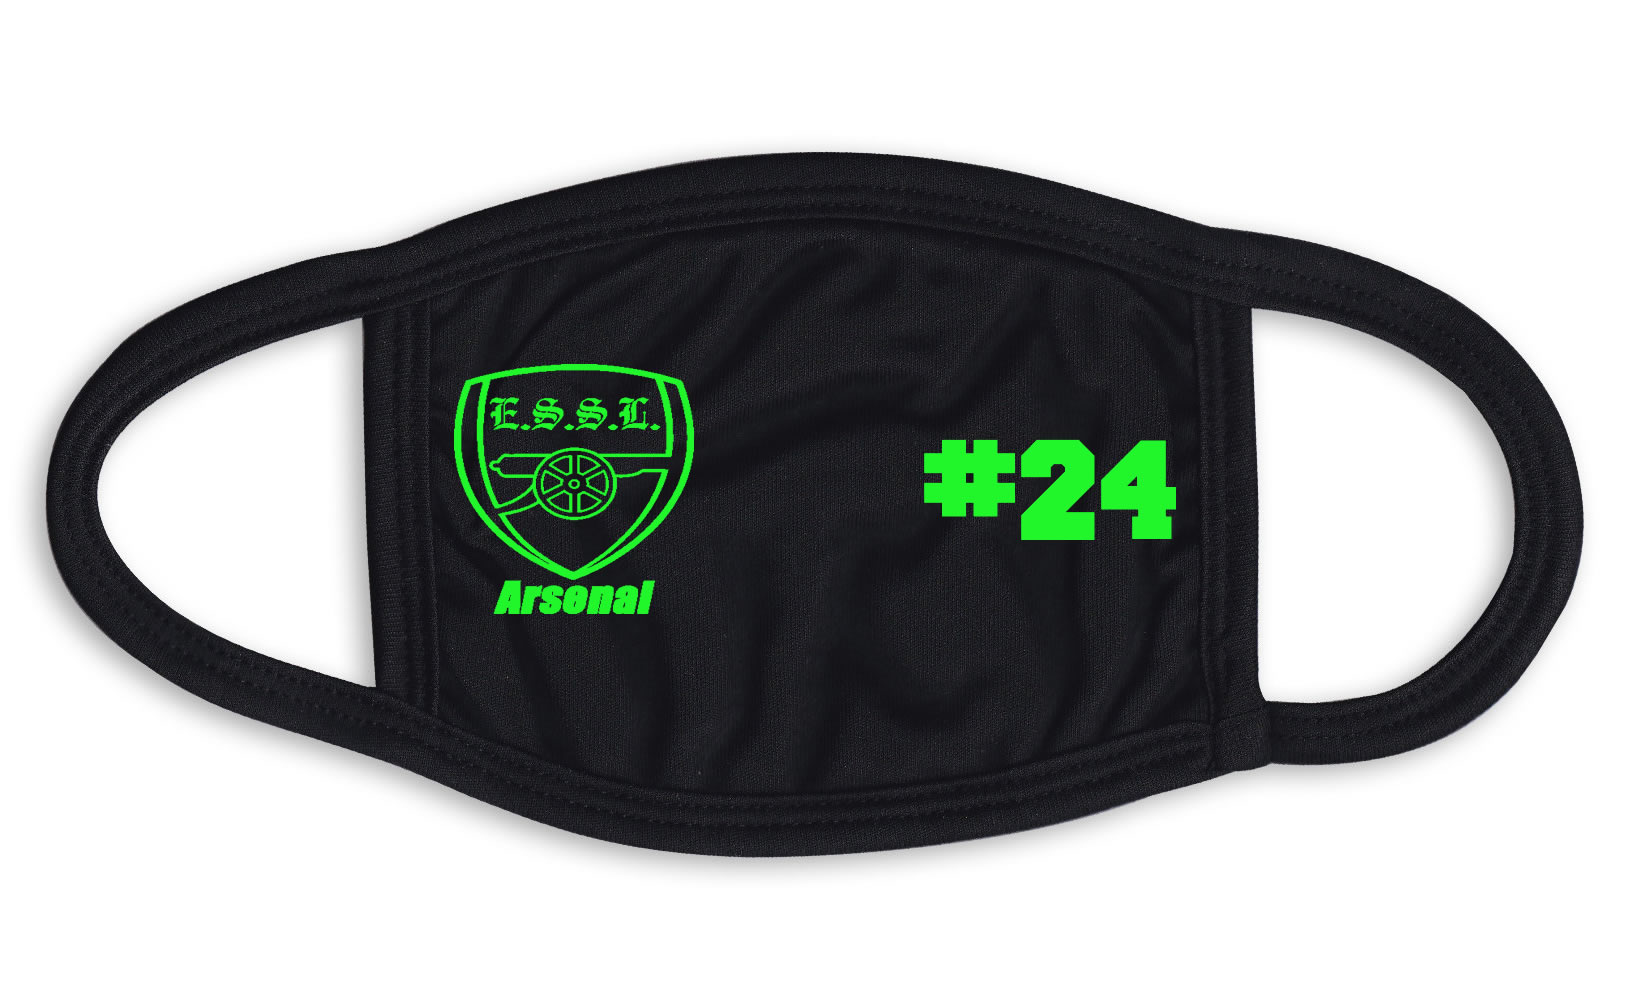 E.S.S.L. Soccer Face Mask